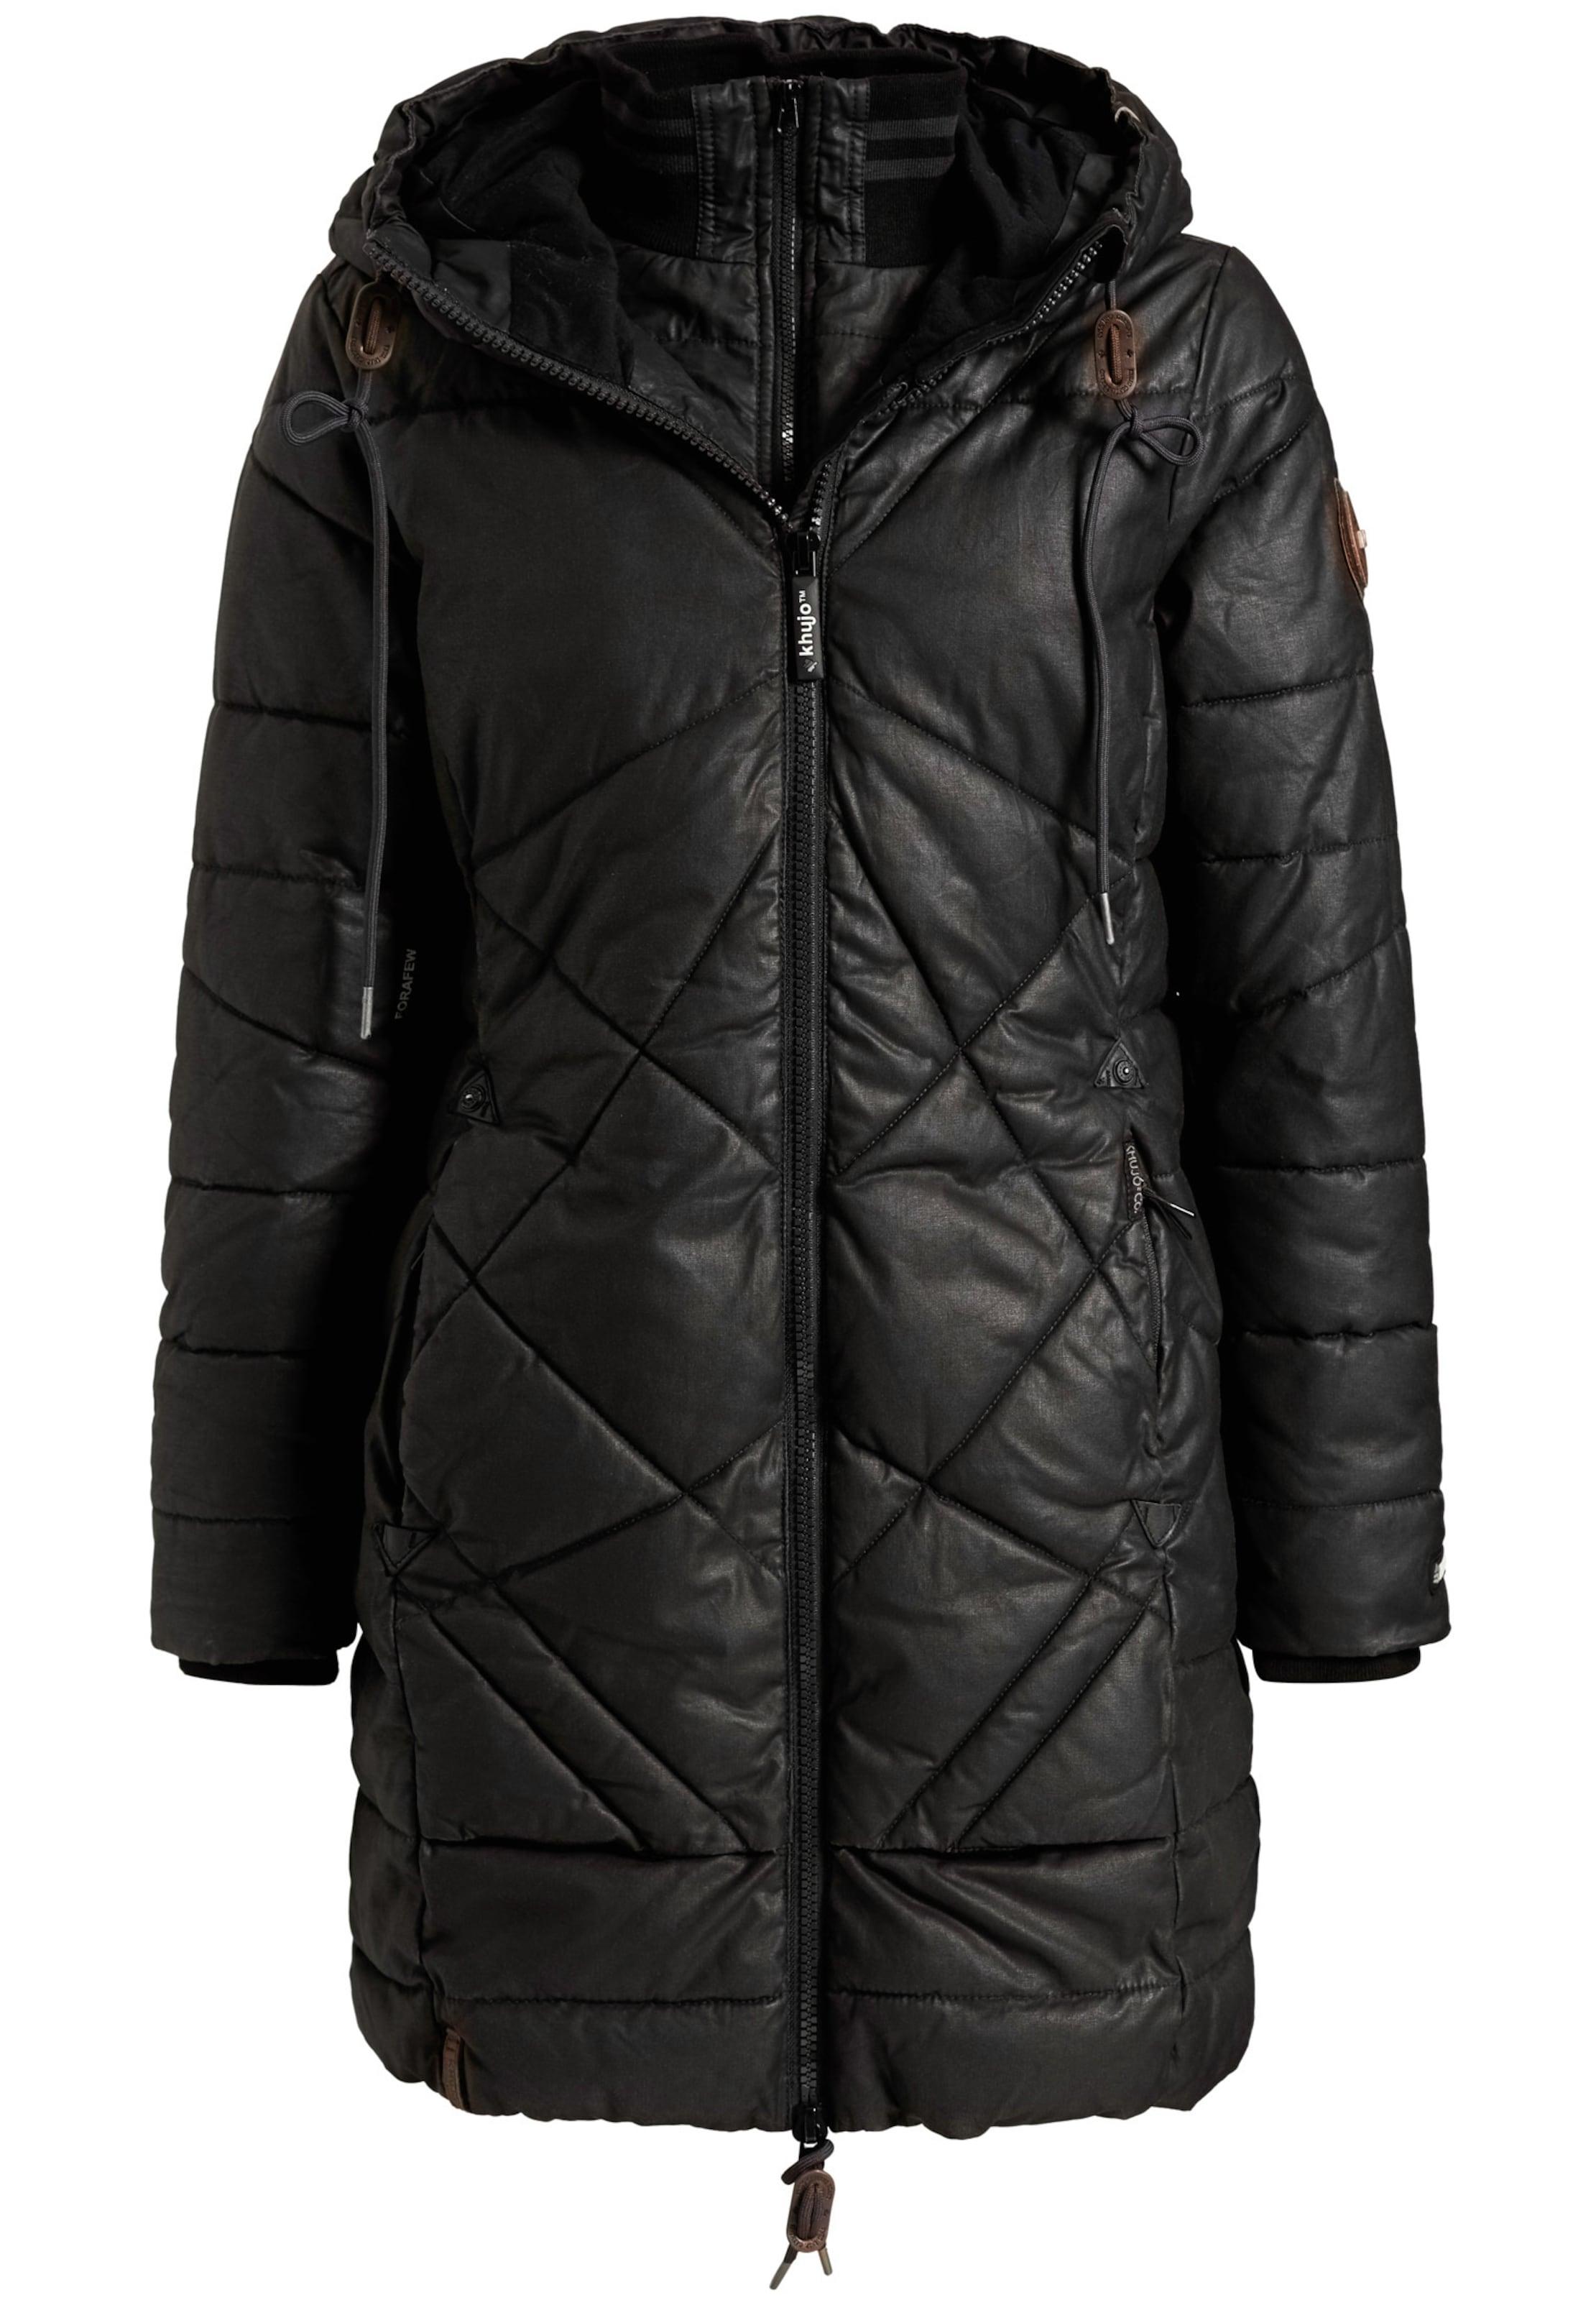 D'hiver Veste 'annabell' En Khujo Noir 6bfY7gyv